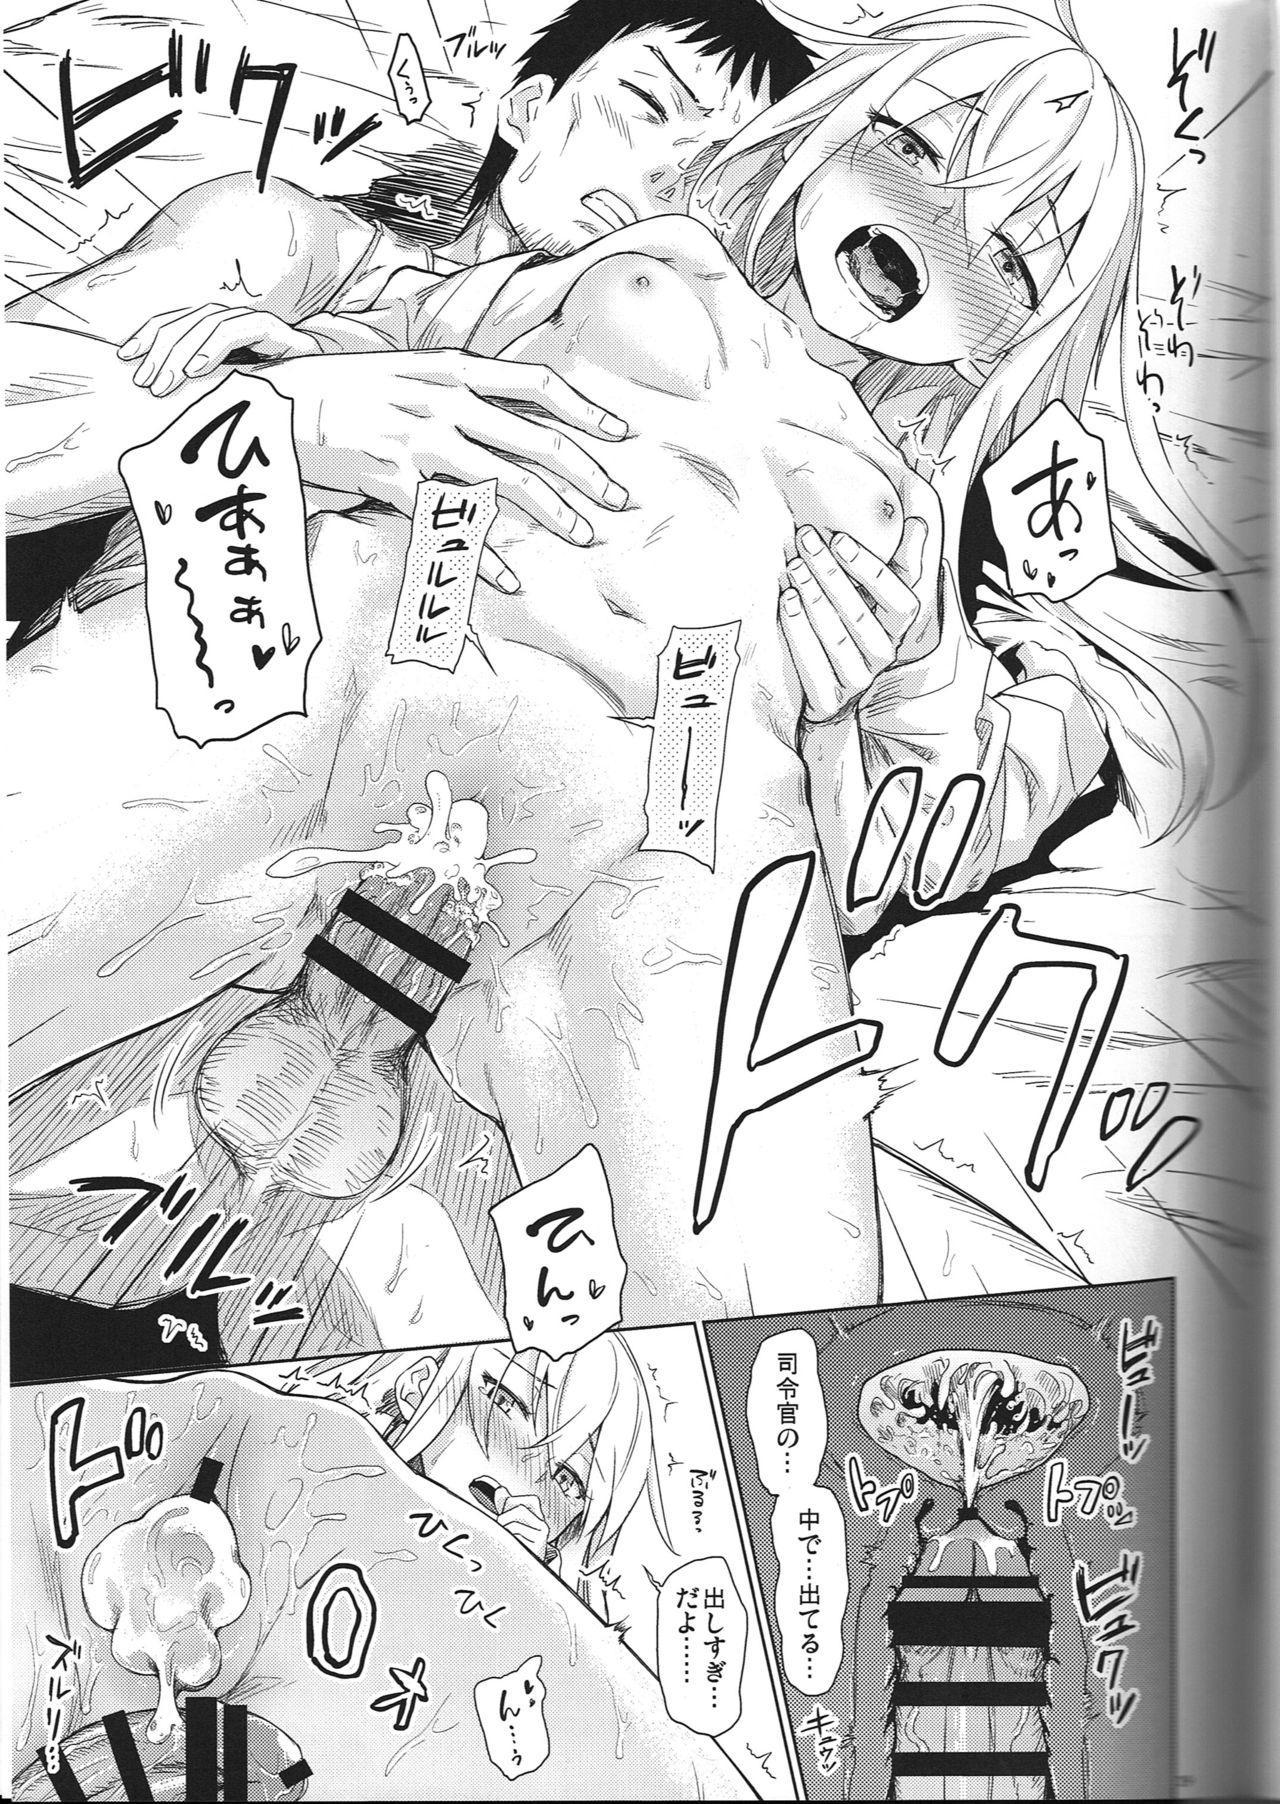 Watashi no Hiza o Kasouka? 17